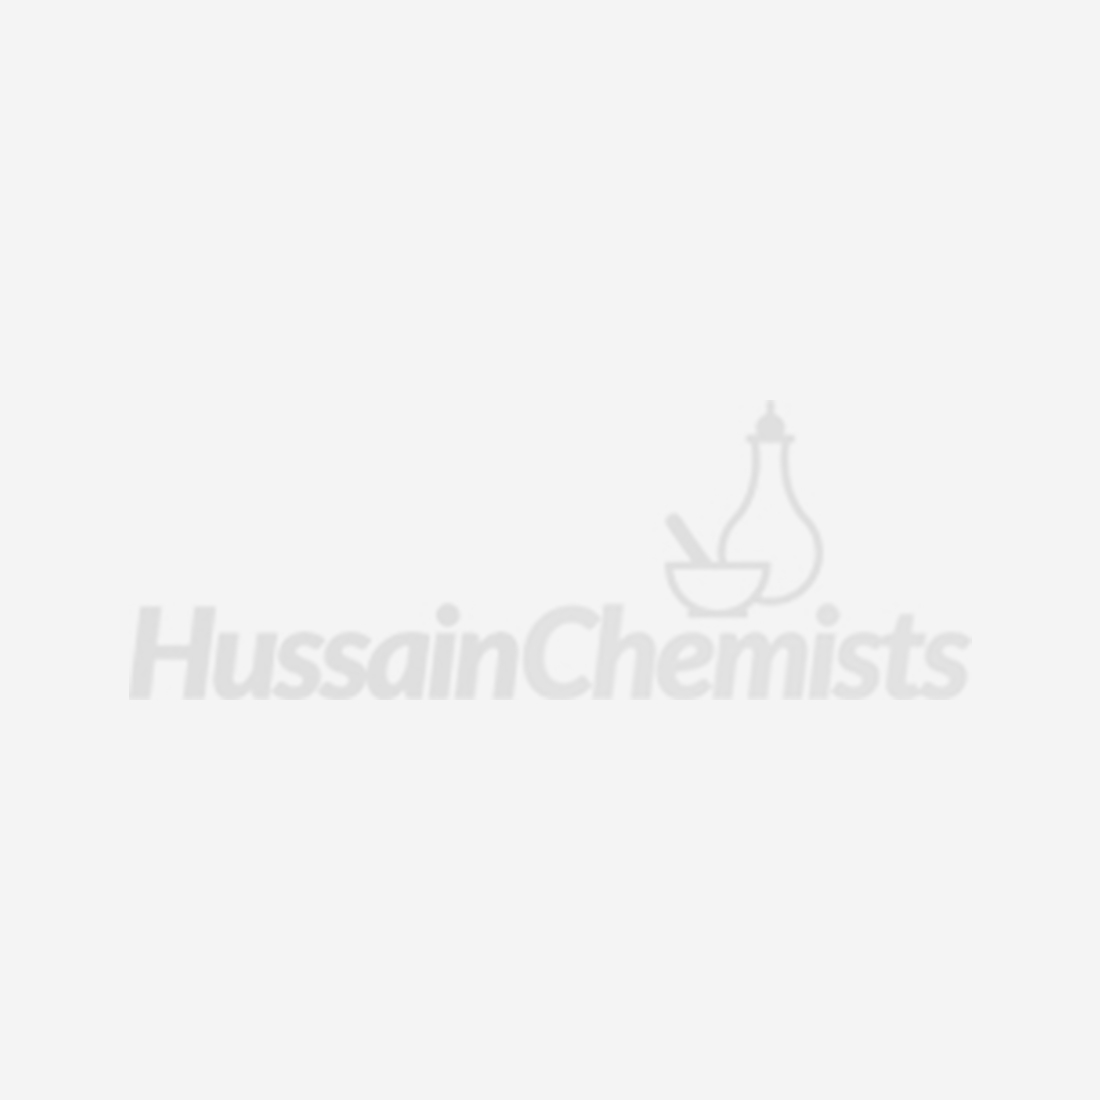 Vitabiotics WellKid Multi-Vitamin Liquid 4-12 Years Orange Flavour - 150ml